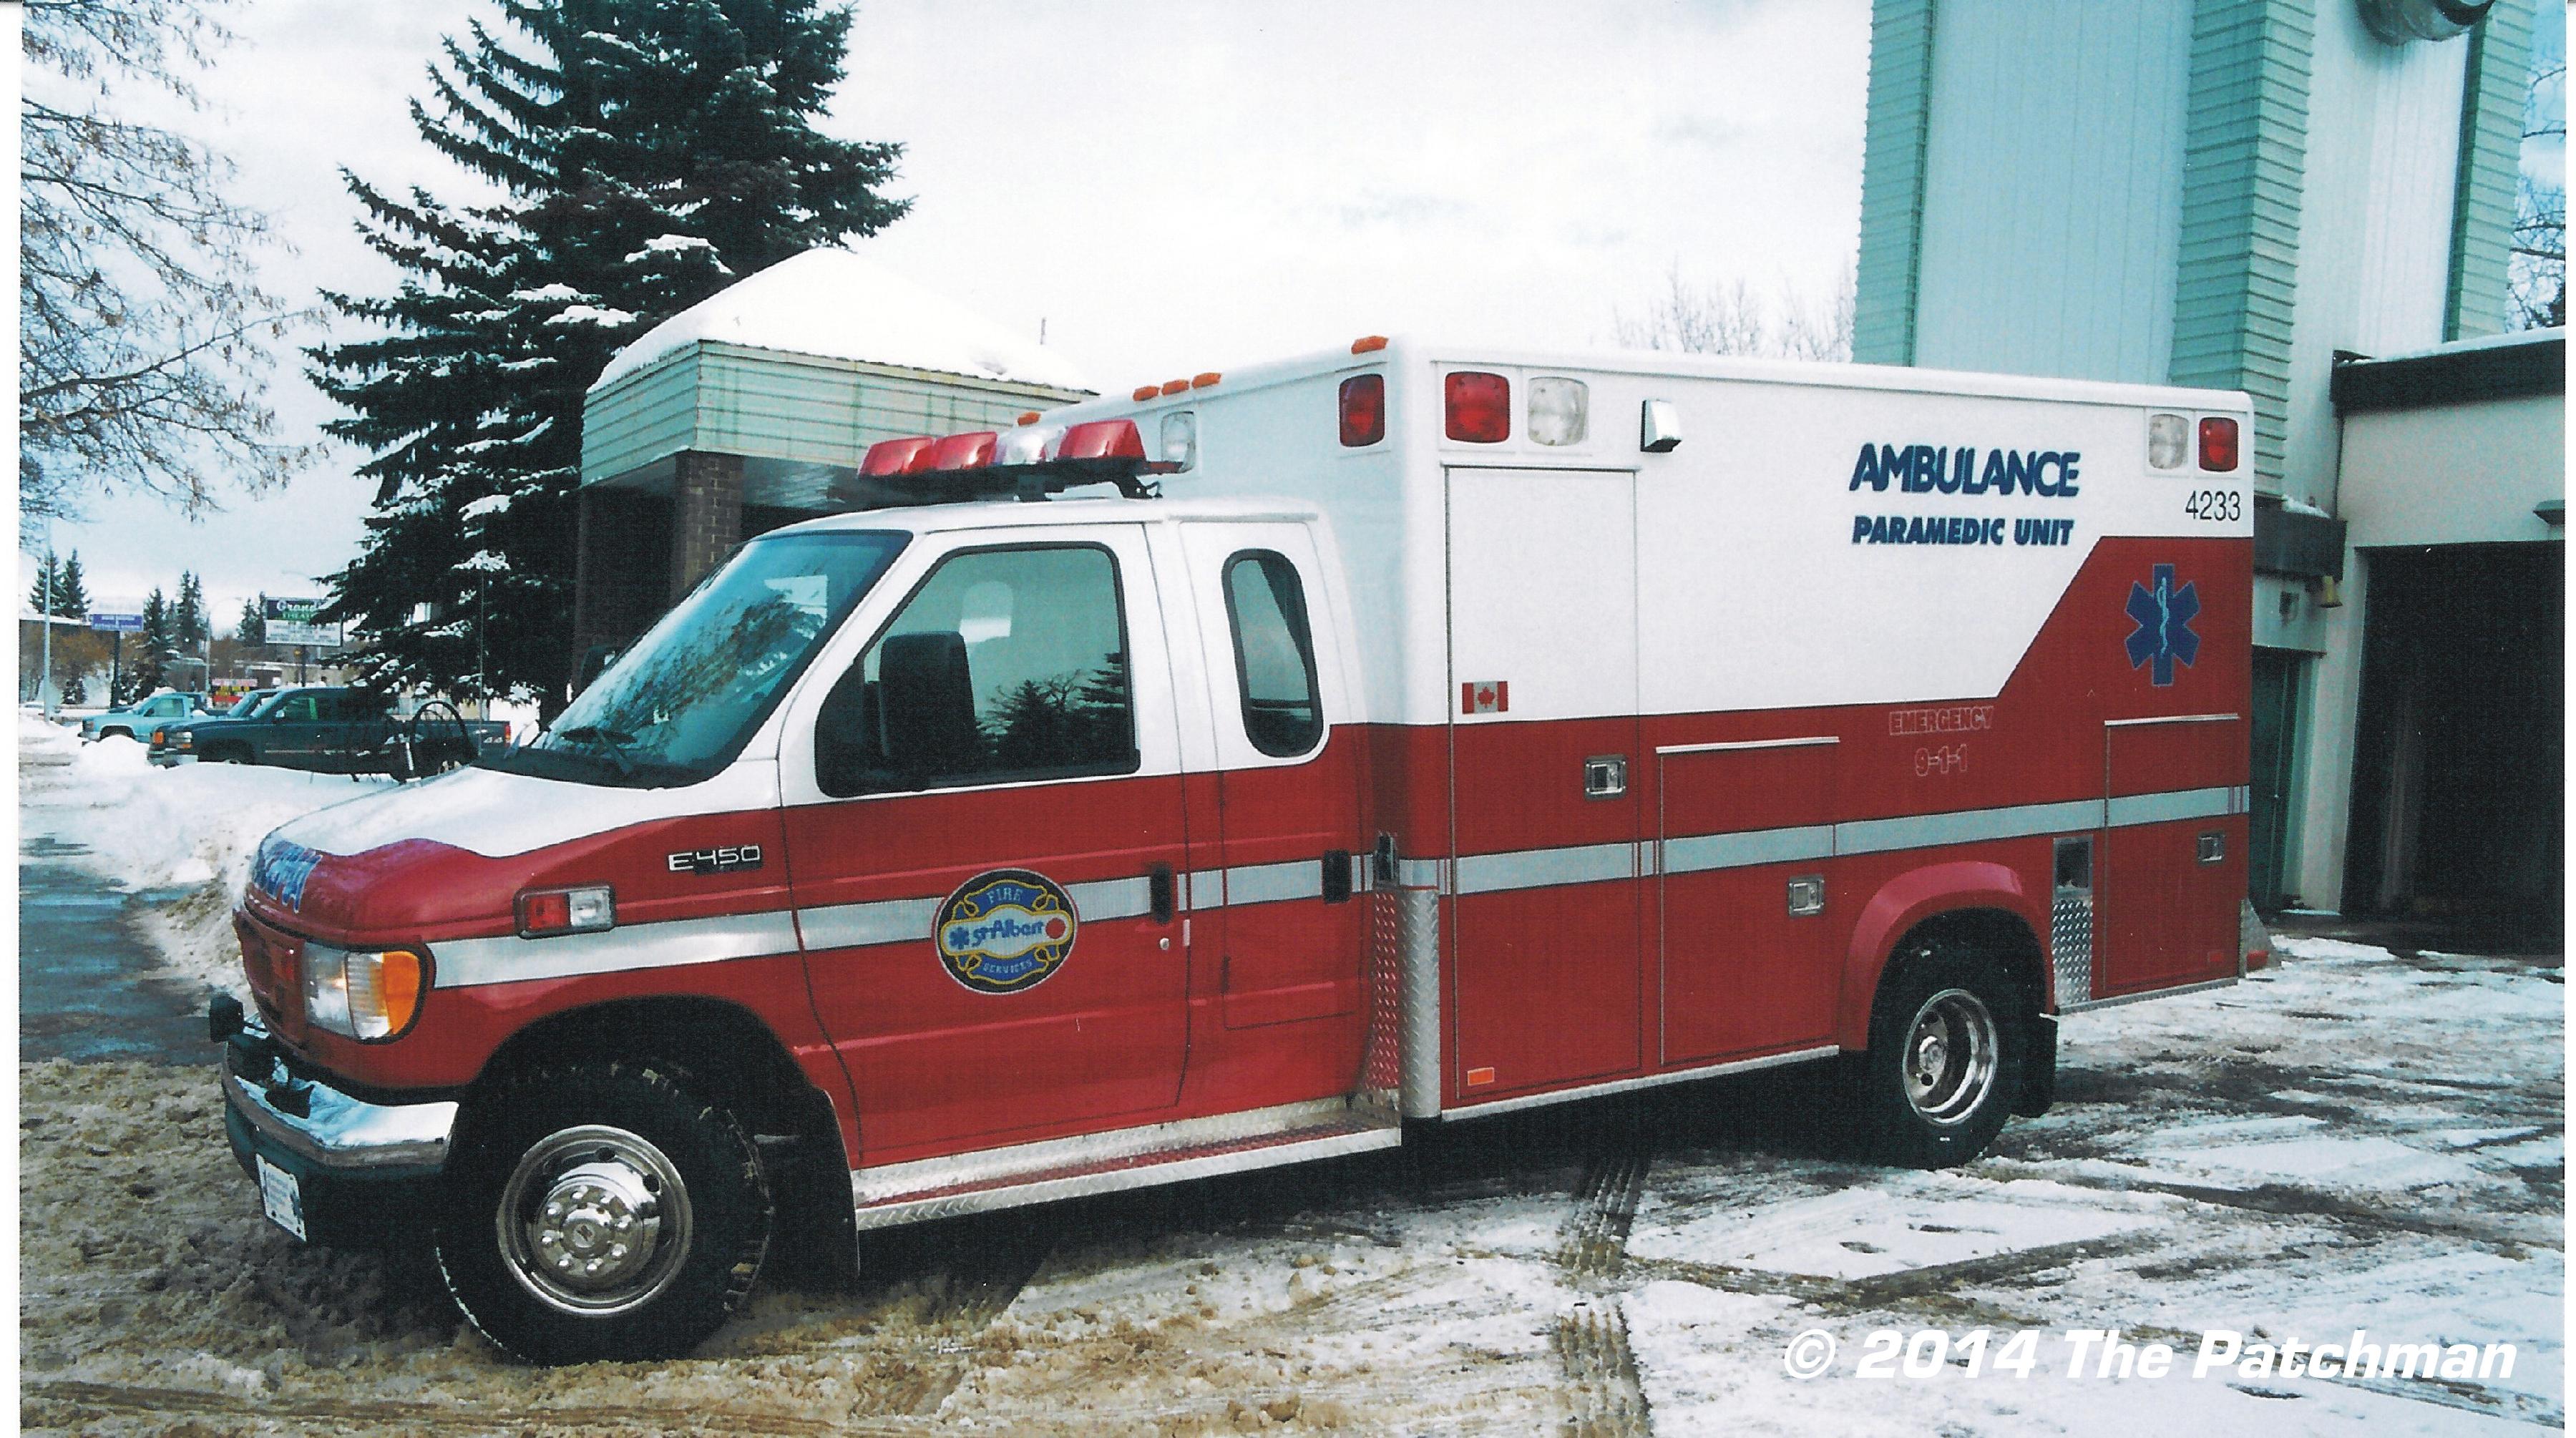 St. Albert Fire Service